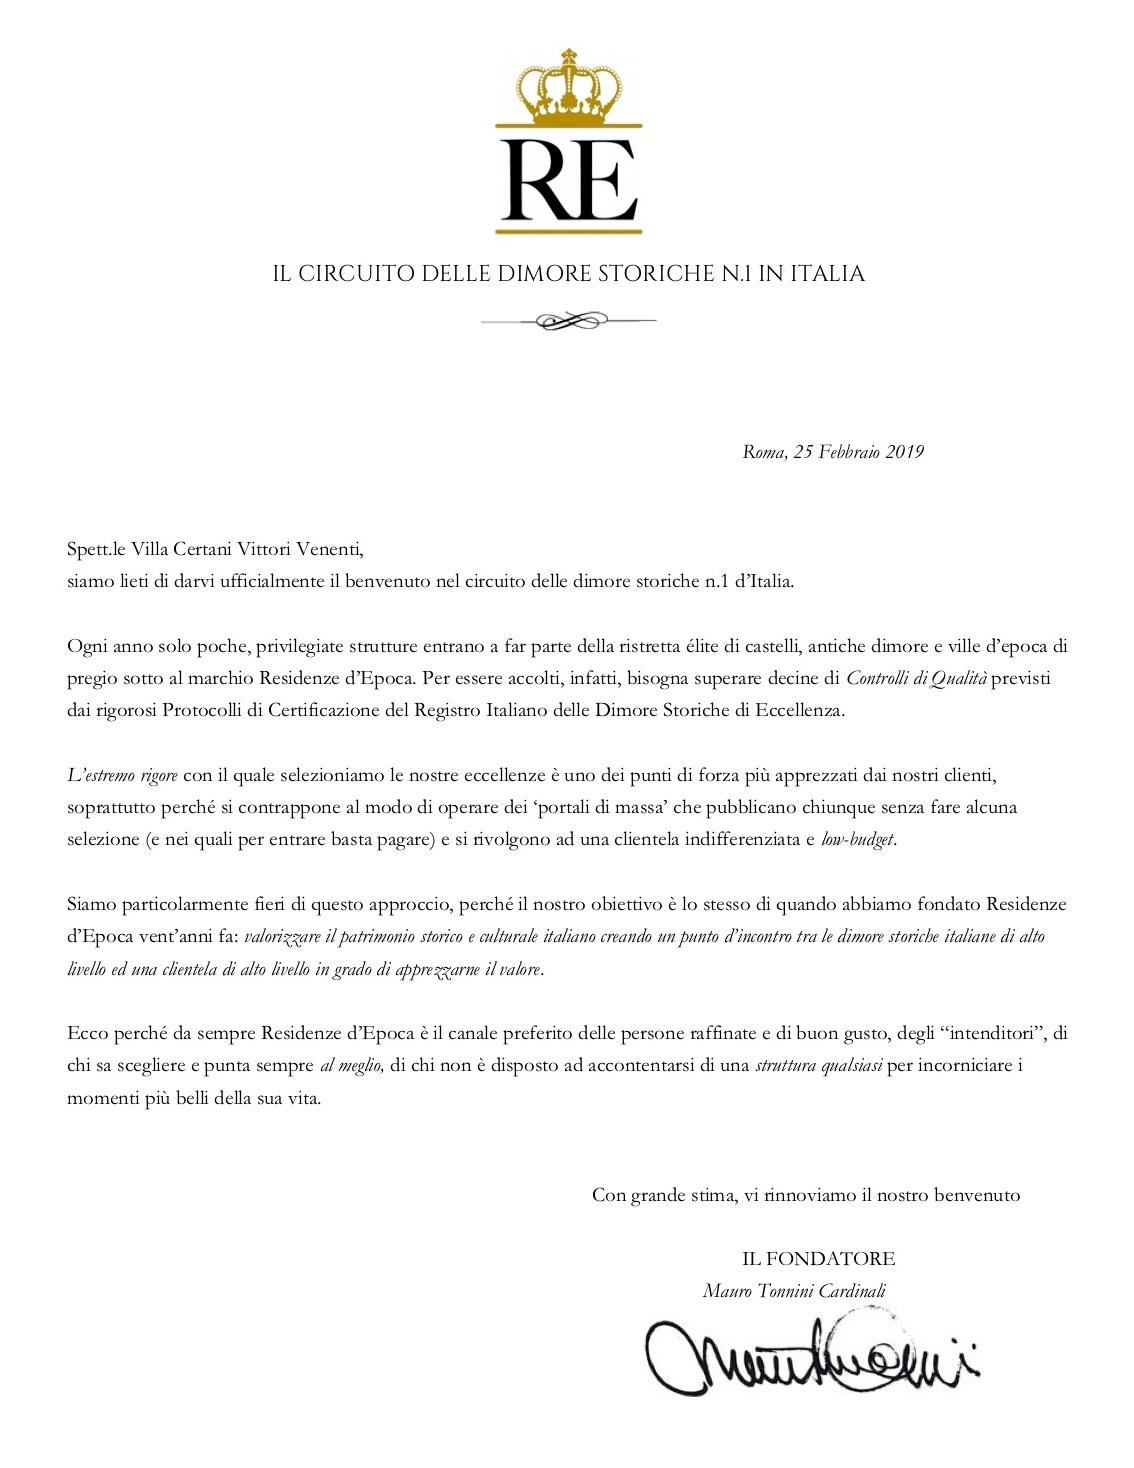 Lettera+di+merito+Villa+Certani+Vittori+Venenti.jpg